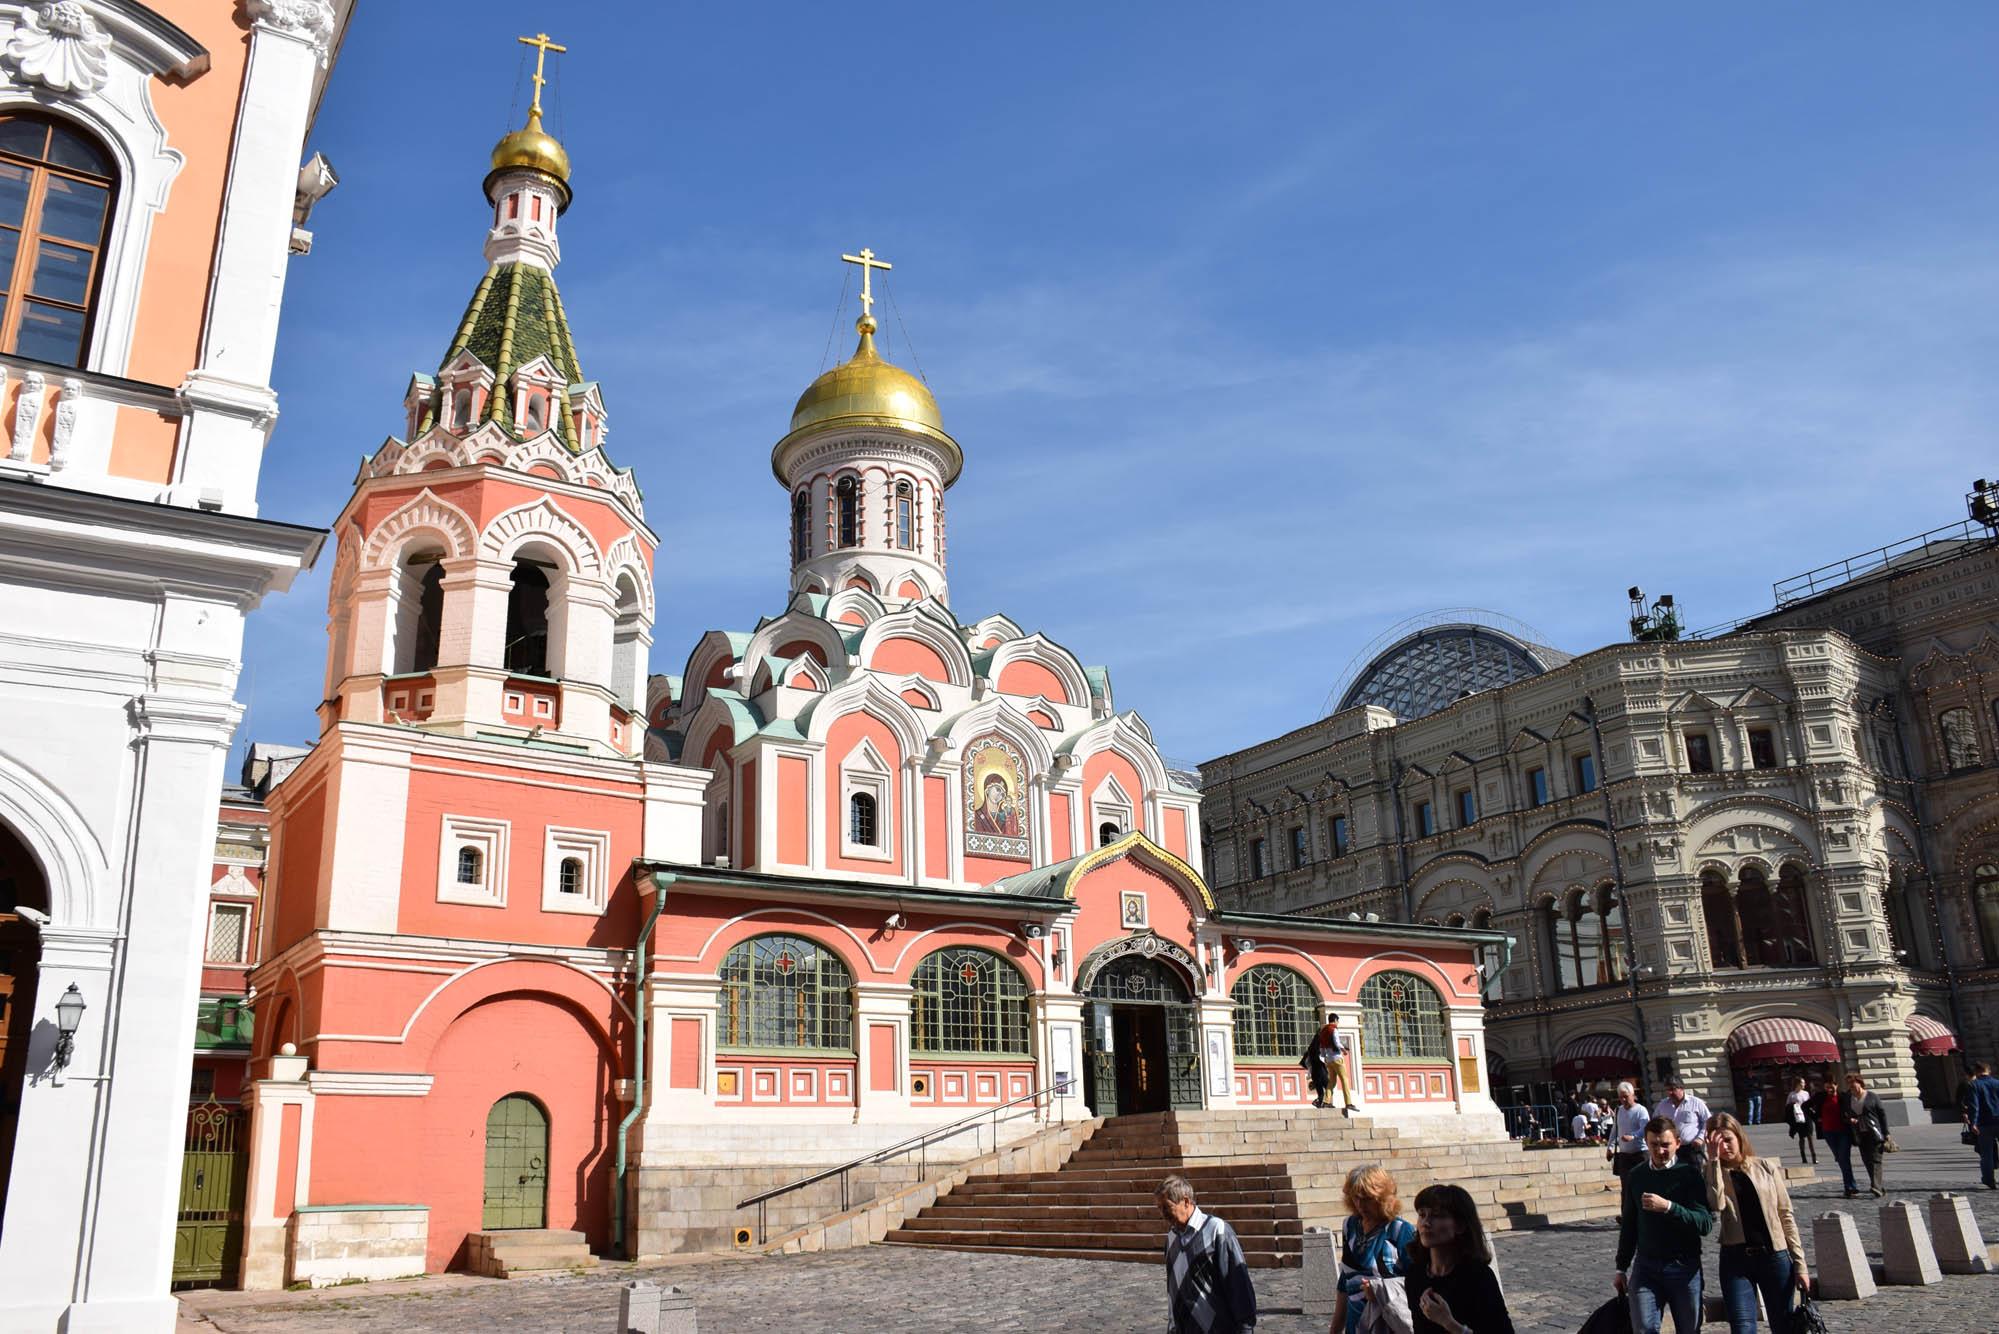 viagem para a Rússia - Catedral de Kazan praca vermelha moscou